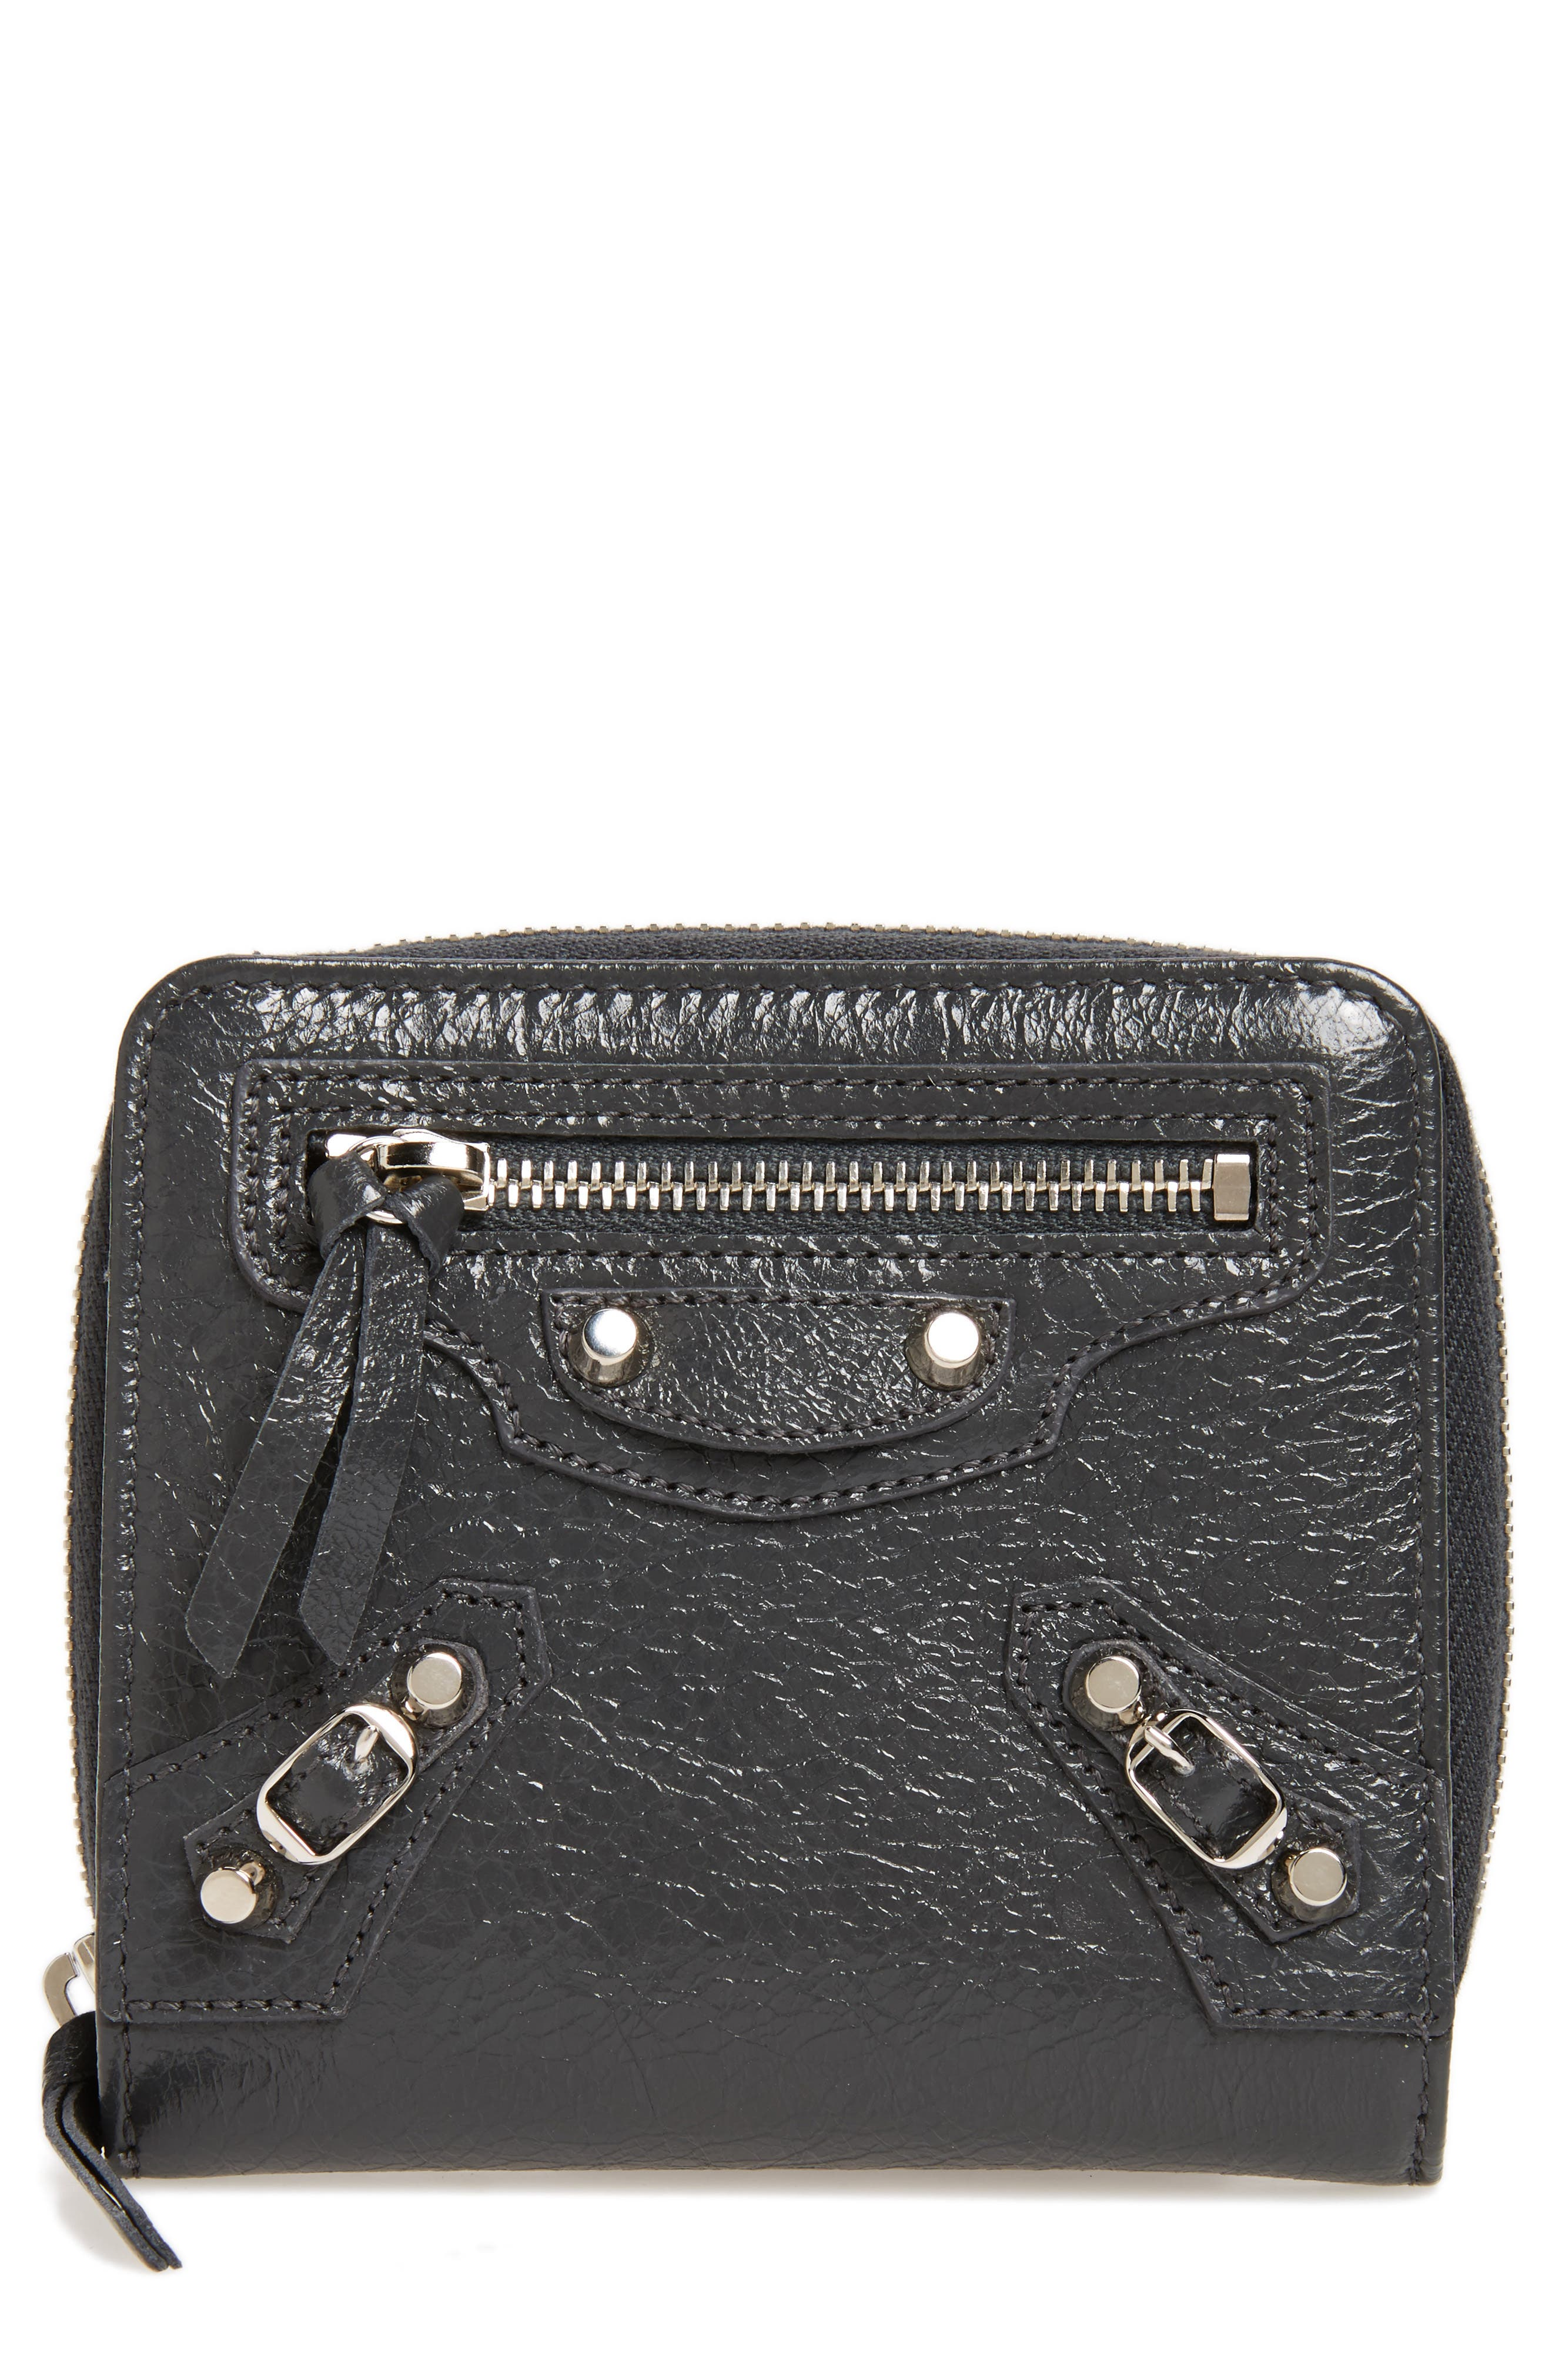 Main Image - Balenciaga Classic Leather Billfold